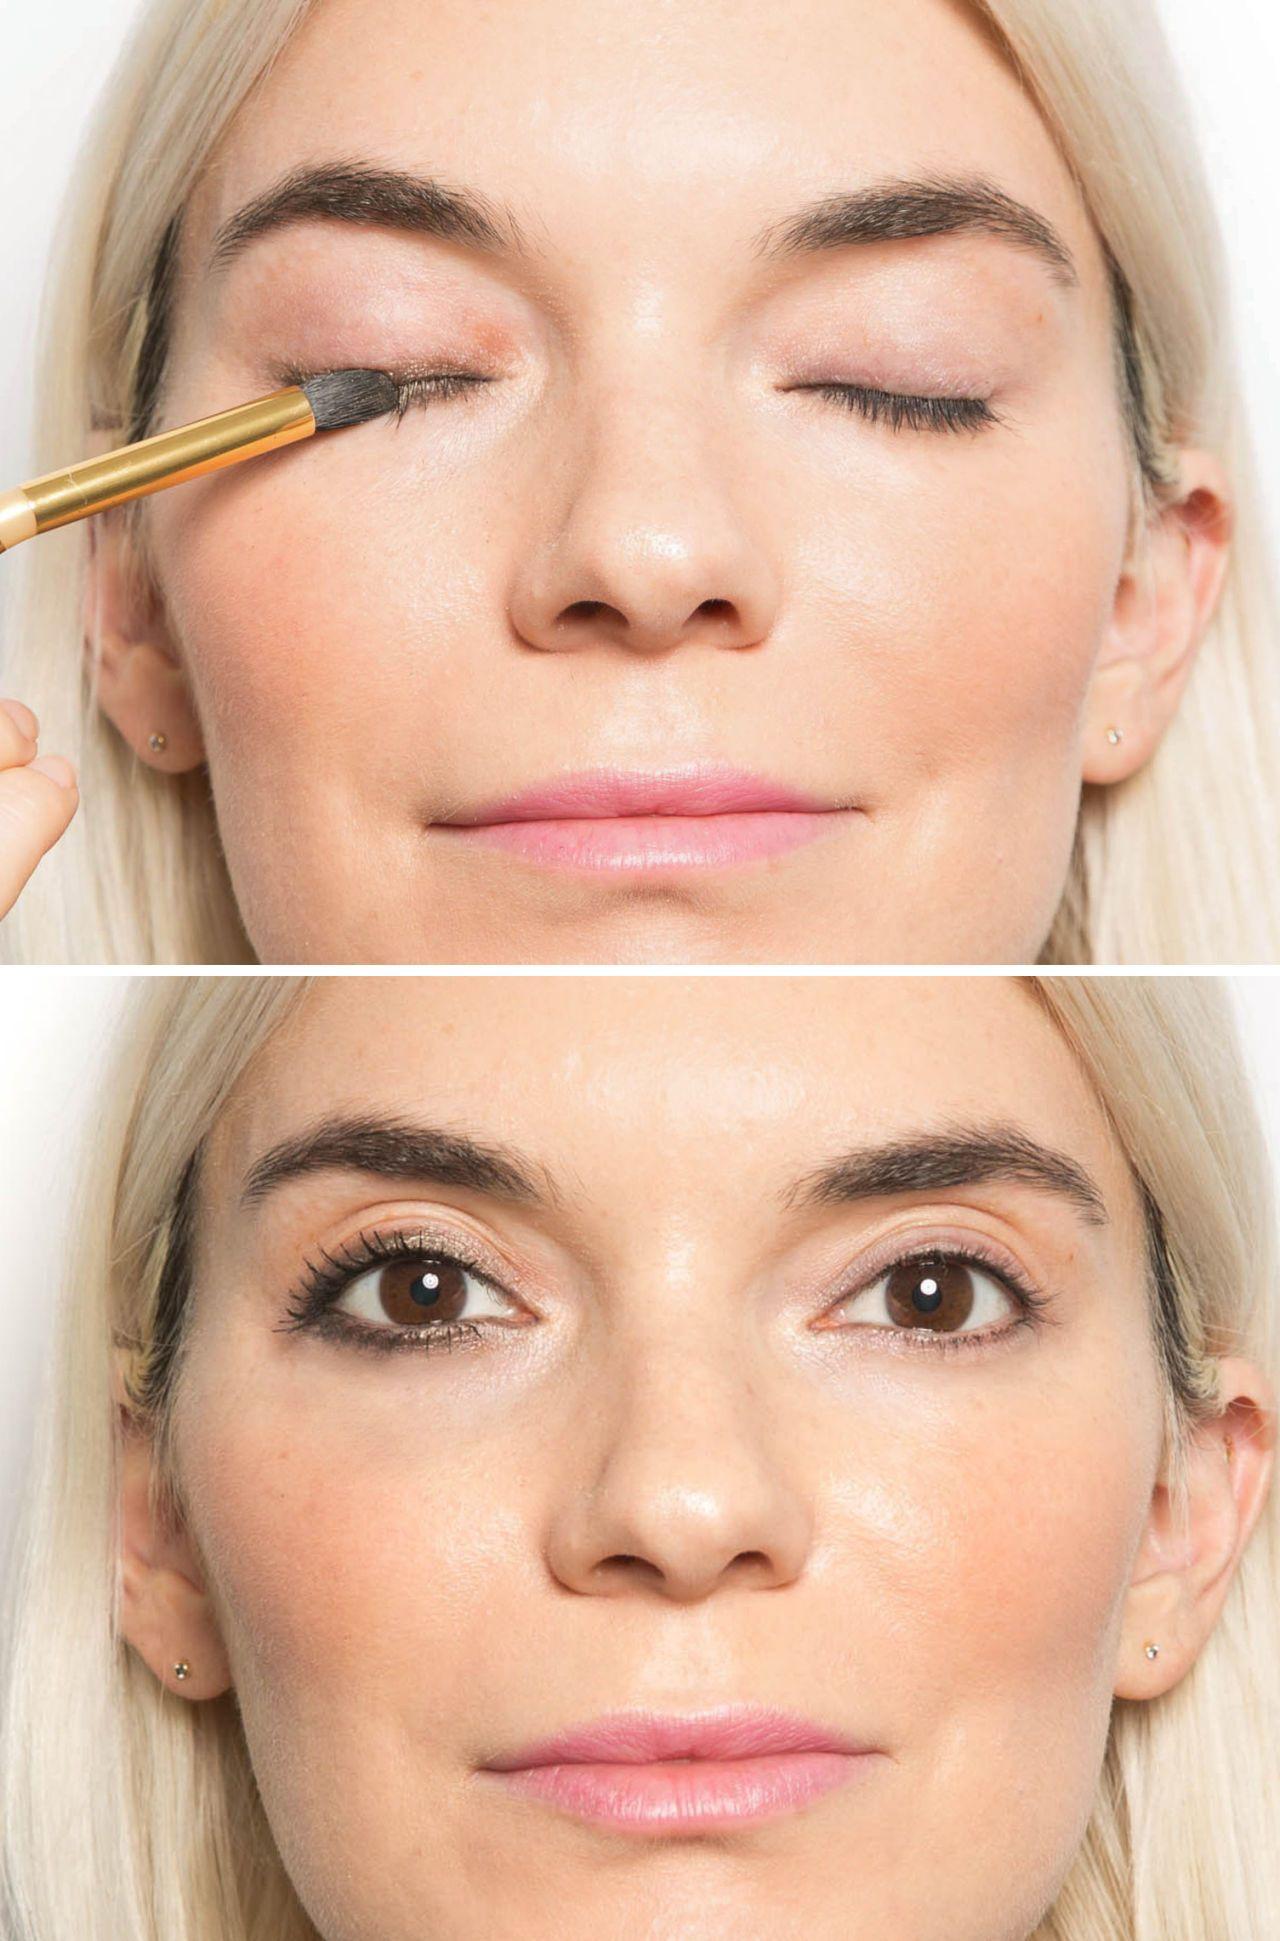 Conosciuto Make-up per le feste: 18 trucchi geniali per ragazze pigre FV34